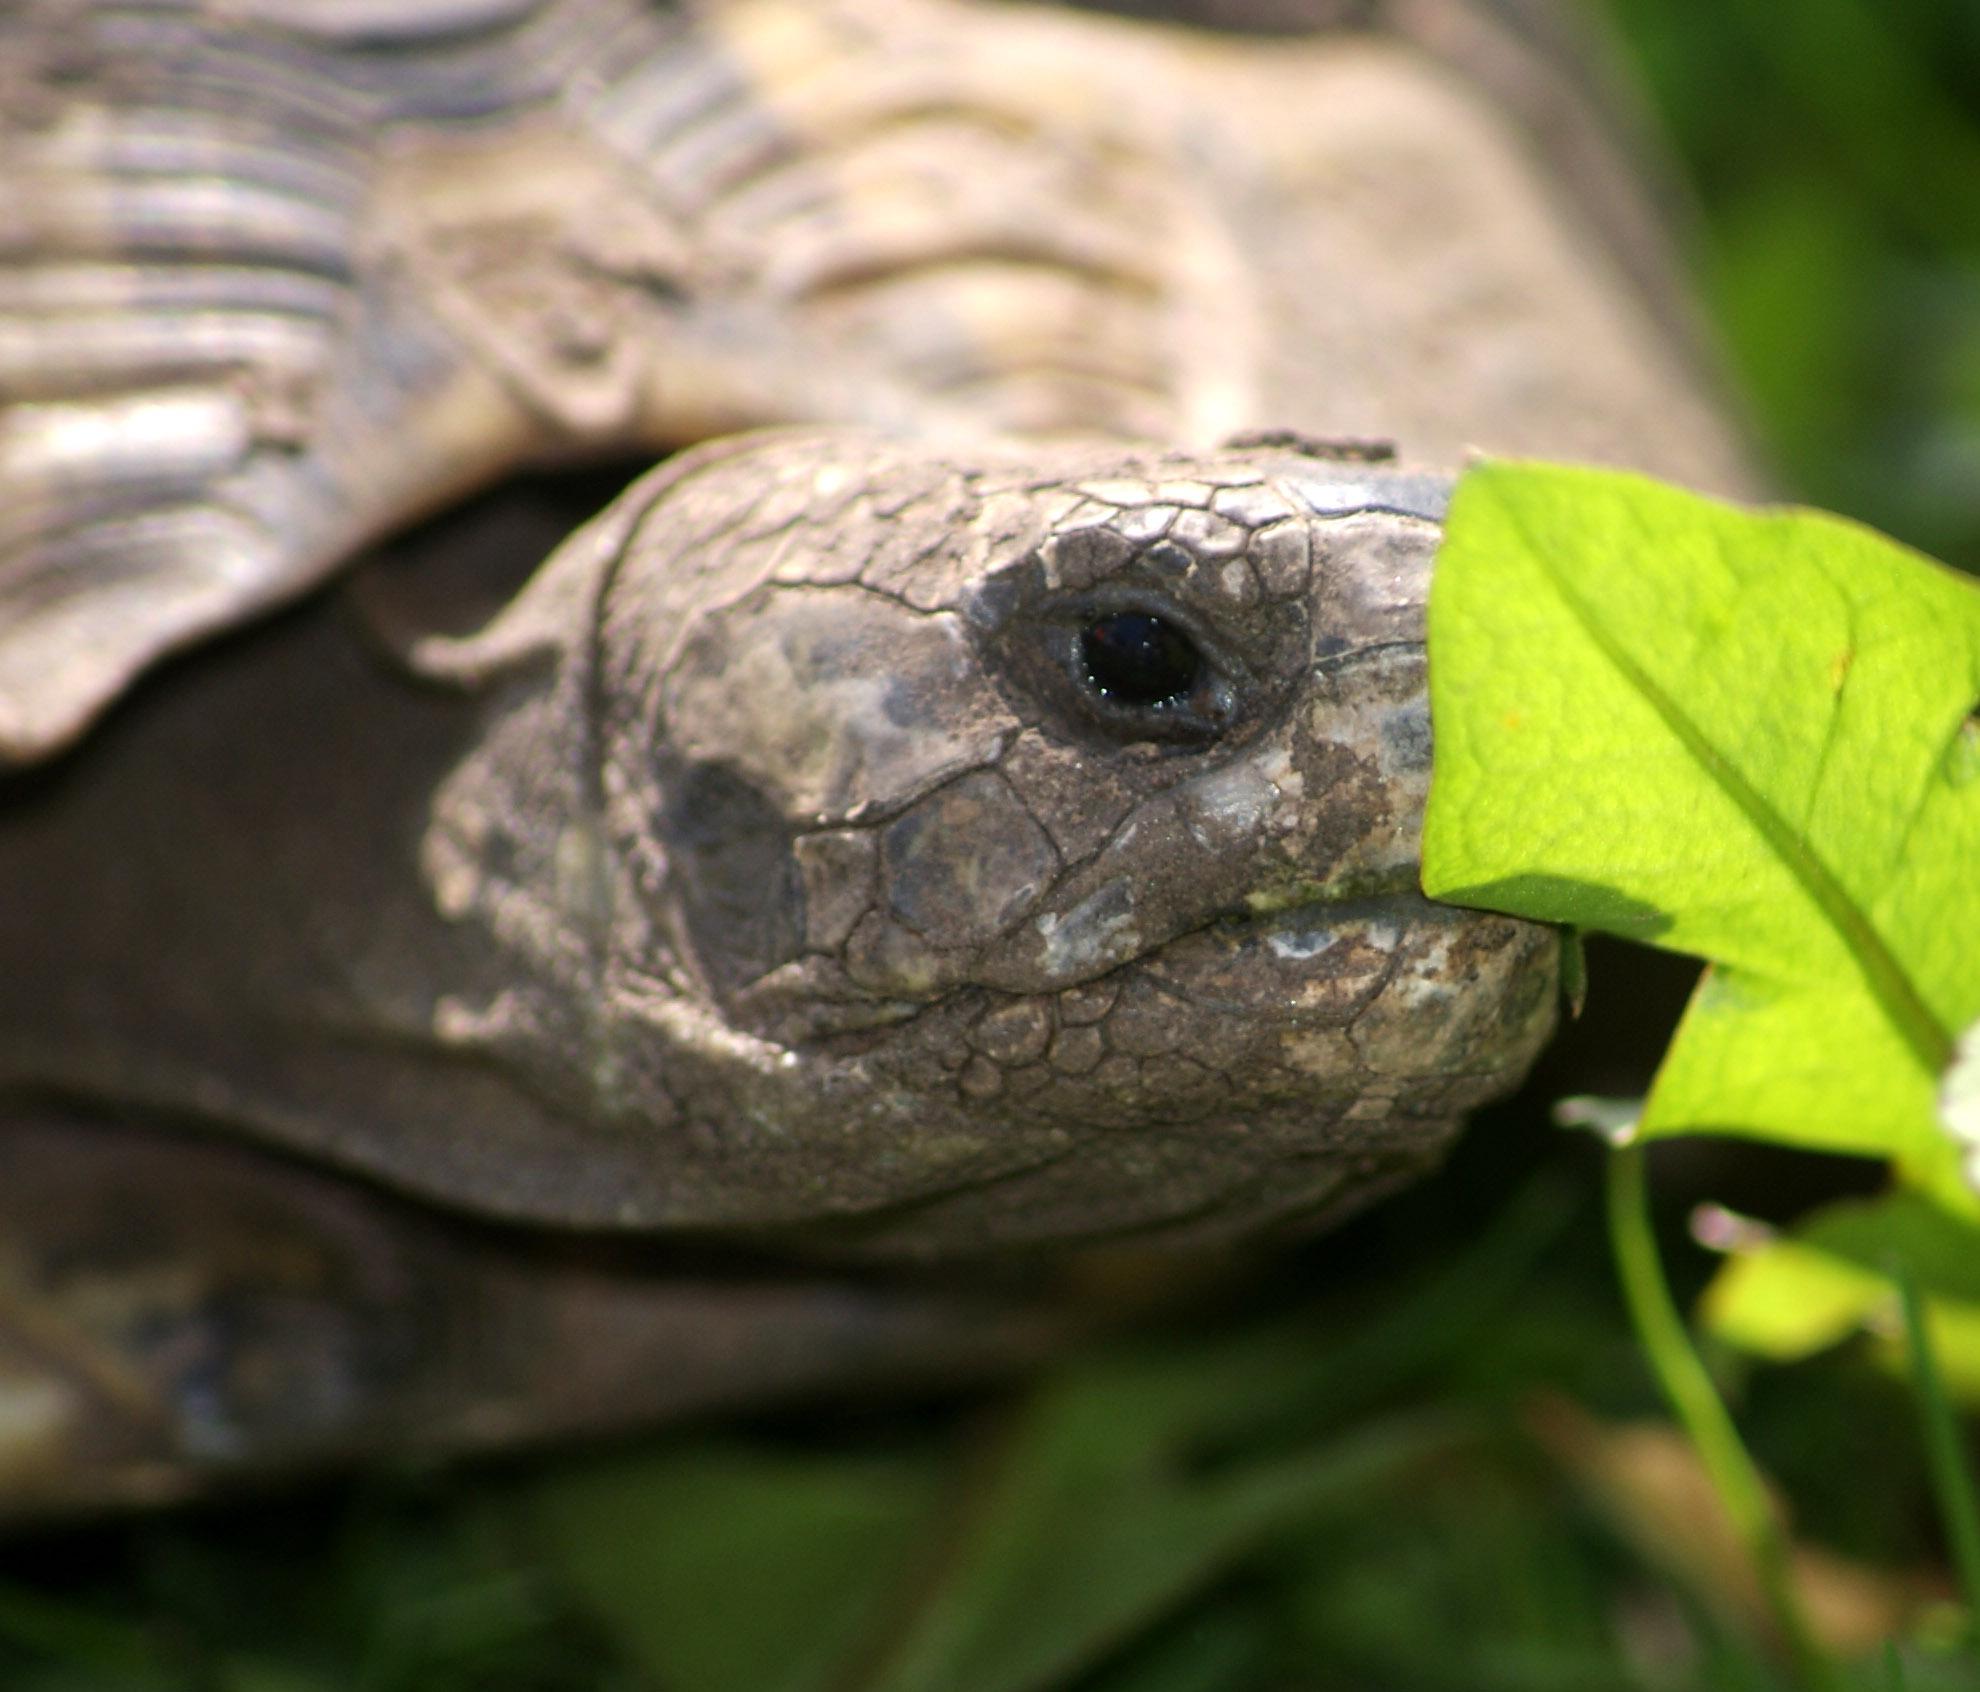 Anmerkungen zur Wildtierhaltung (Teil 1): Schildkröten sind Wildtiere